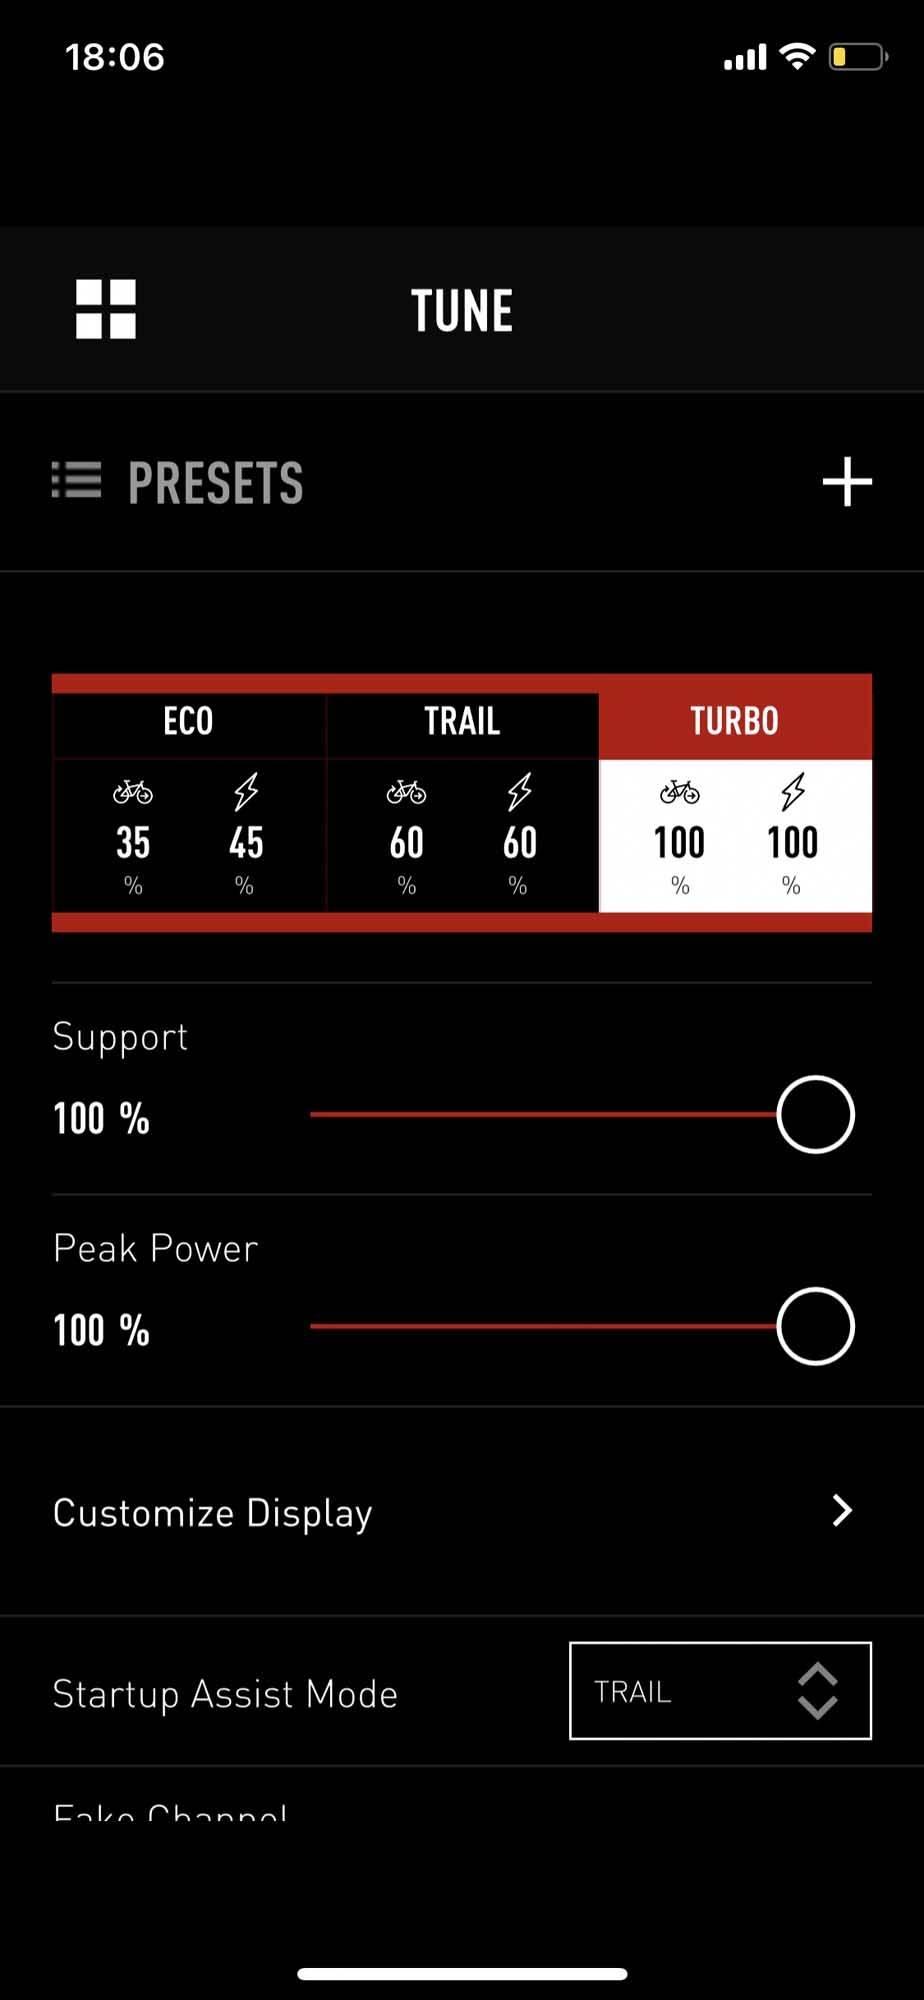 elsykkel specialized mission control app justering motor elektrisk stisykkel